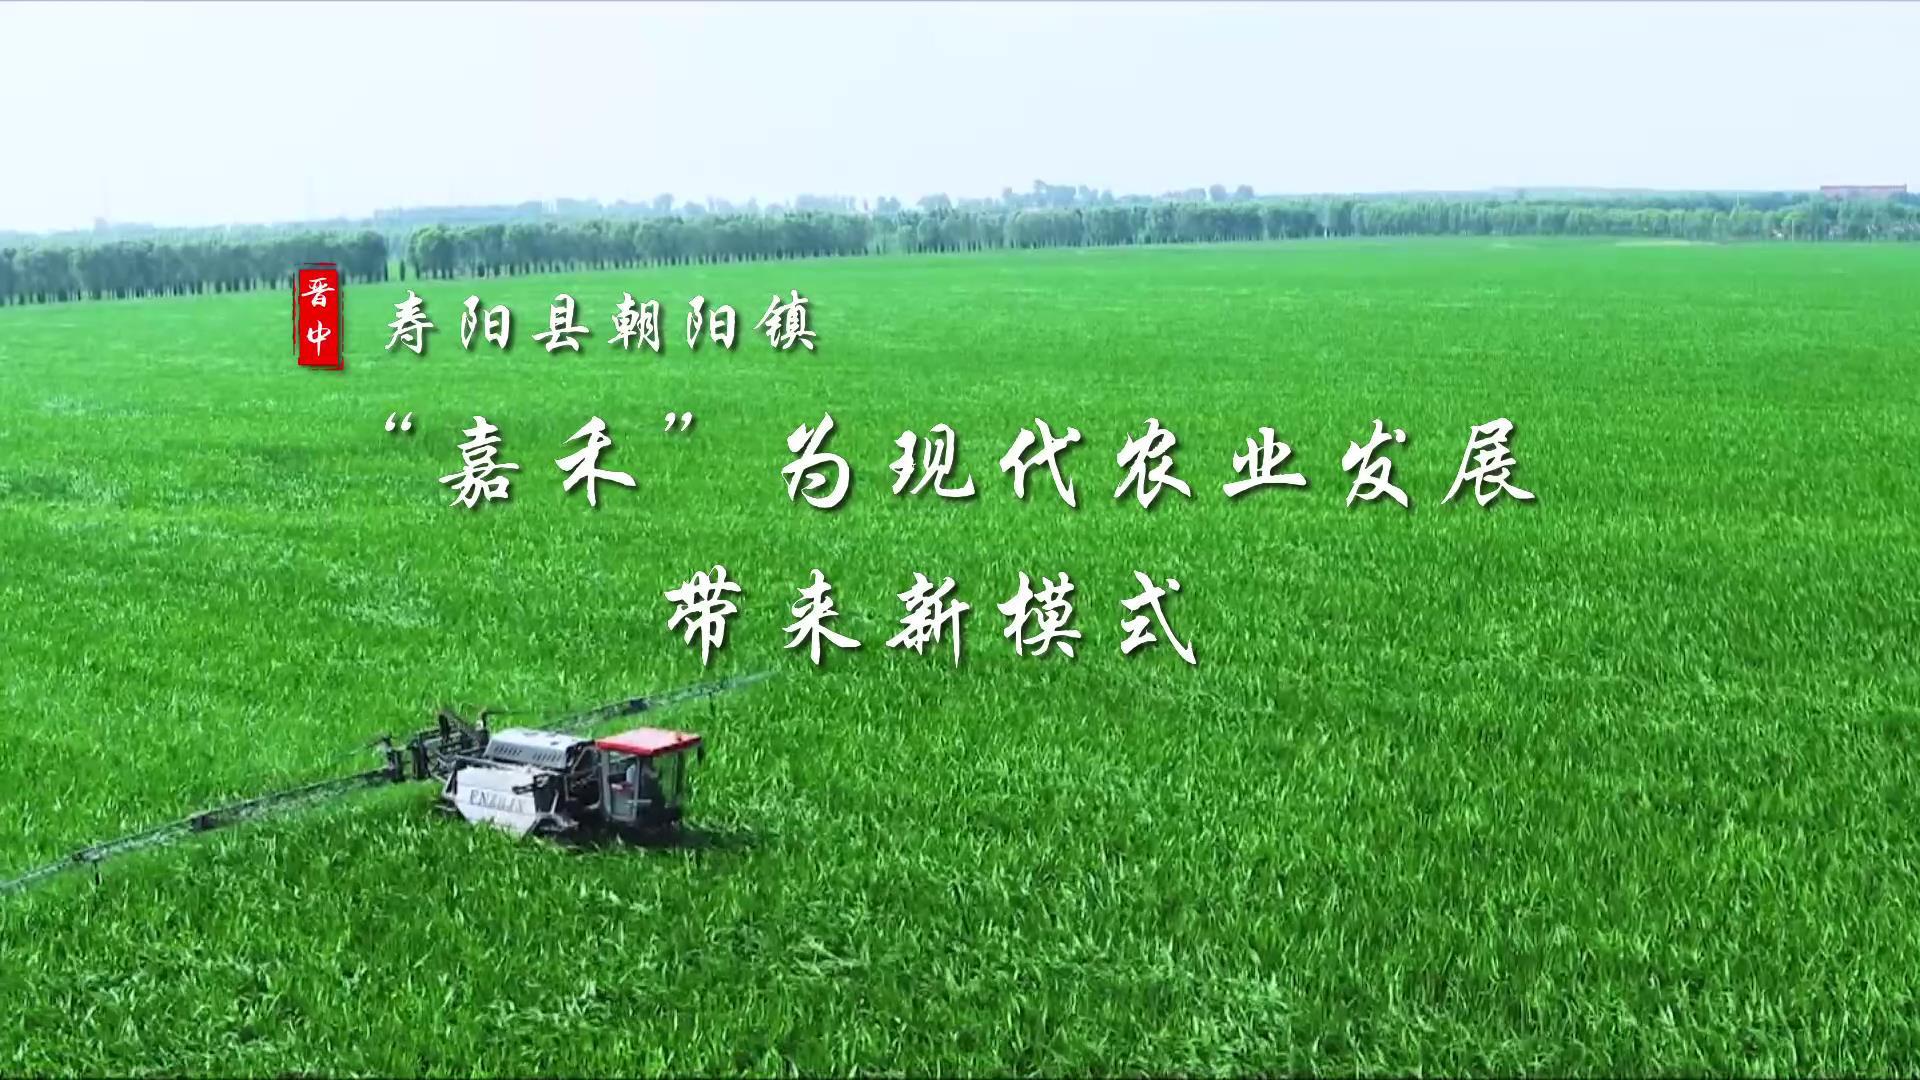 """【見證新晉中】""""嘉禾""""為現代農業發展帶來新模式"""